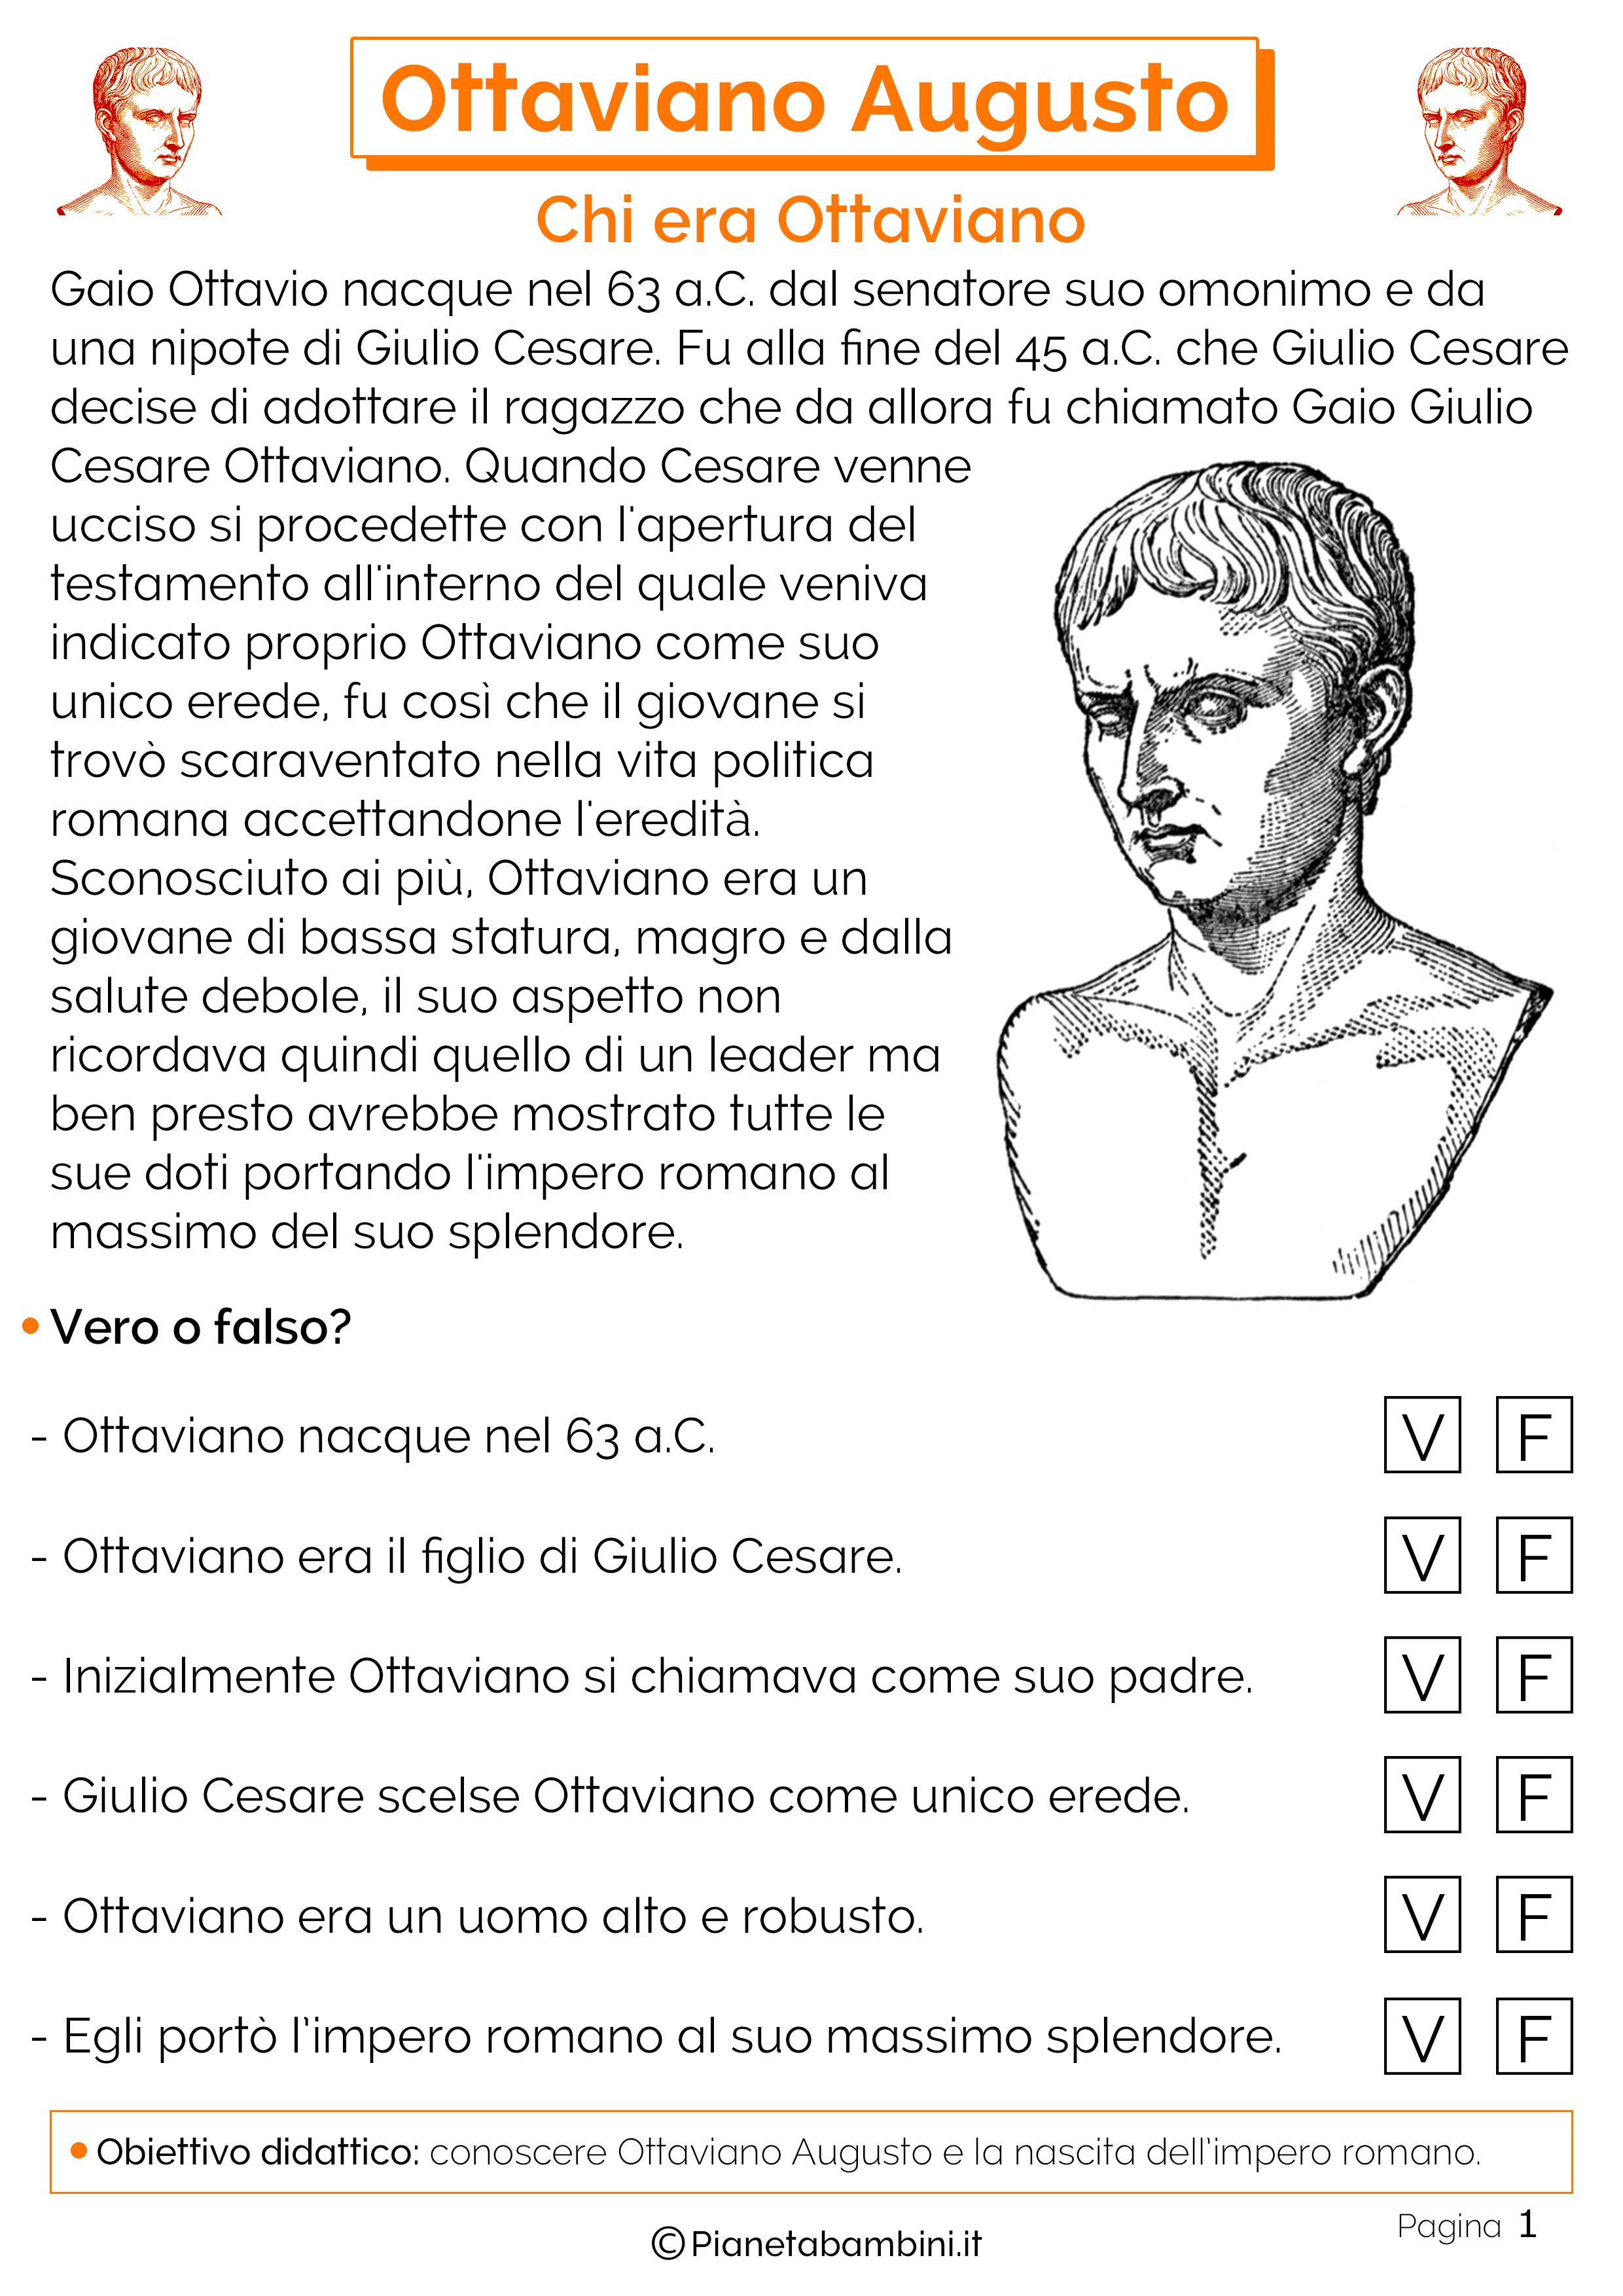 Nascita di Ottaviano Augusto